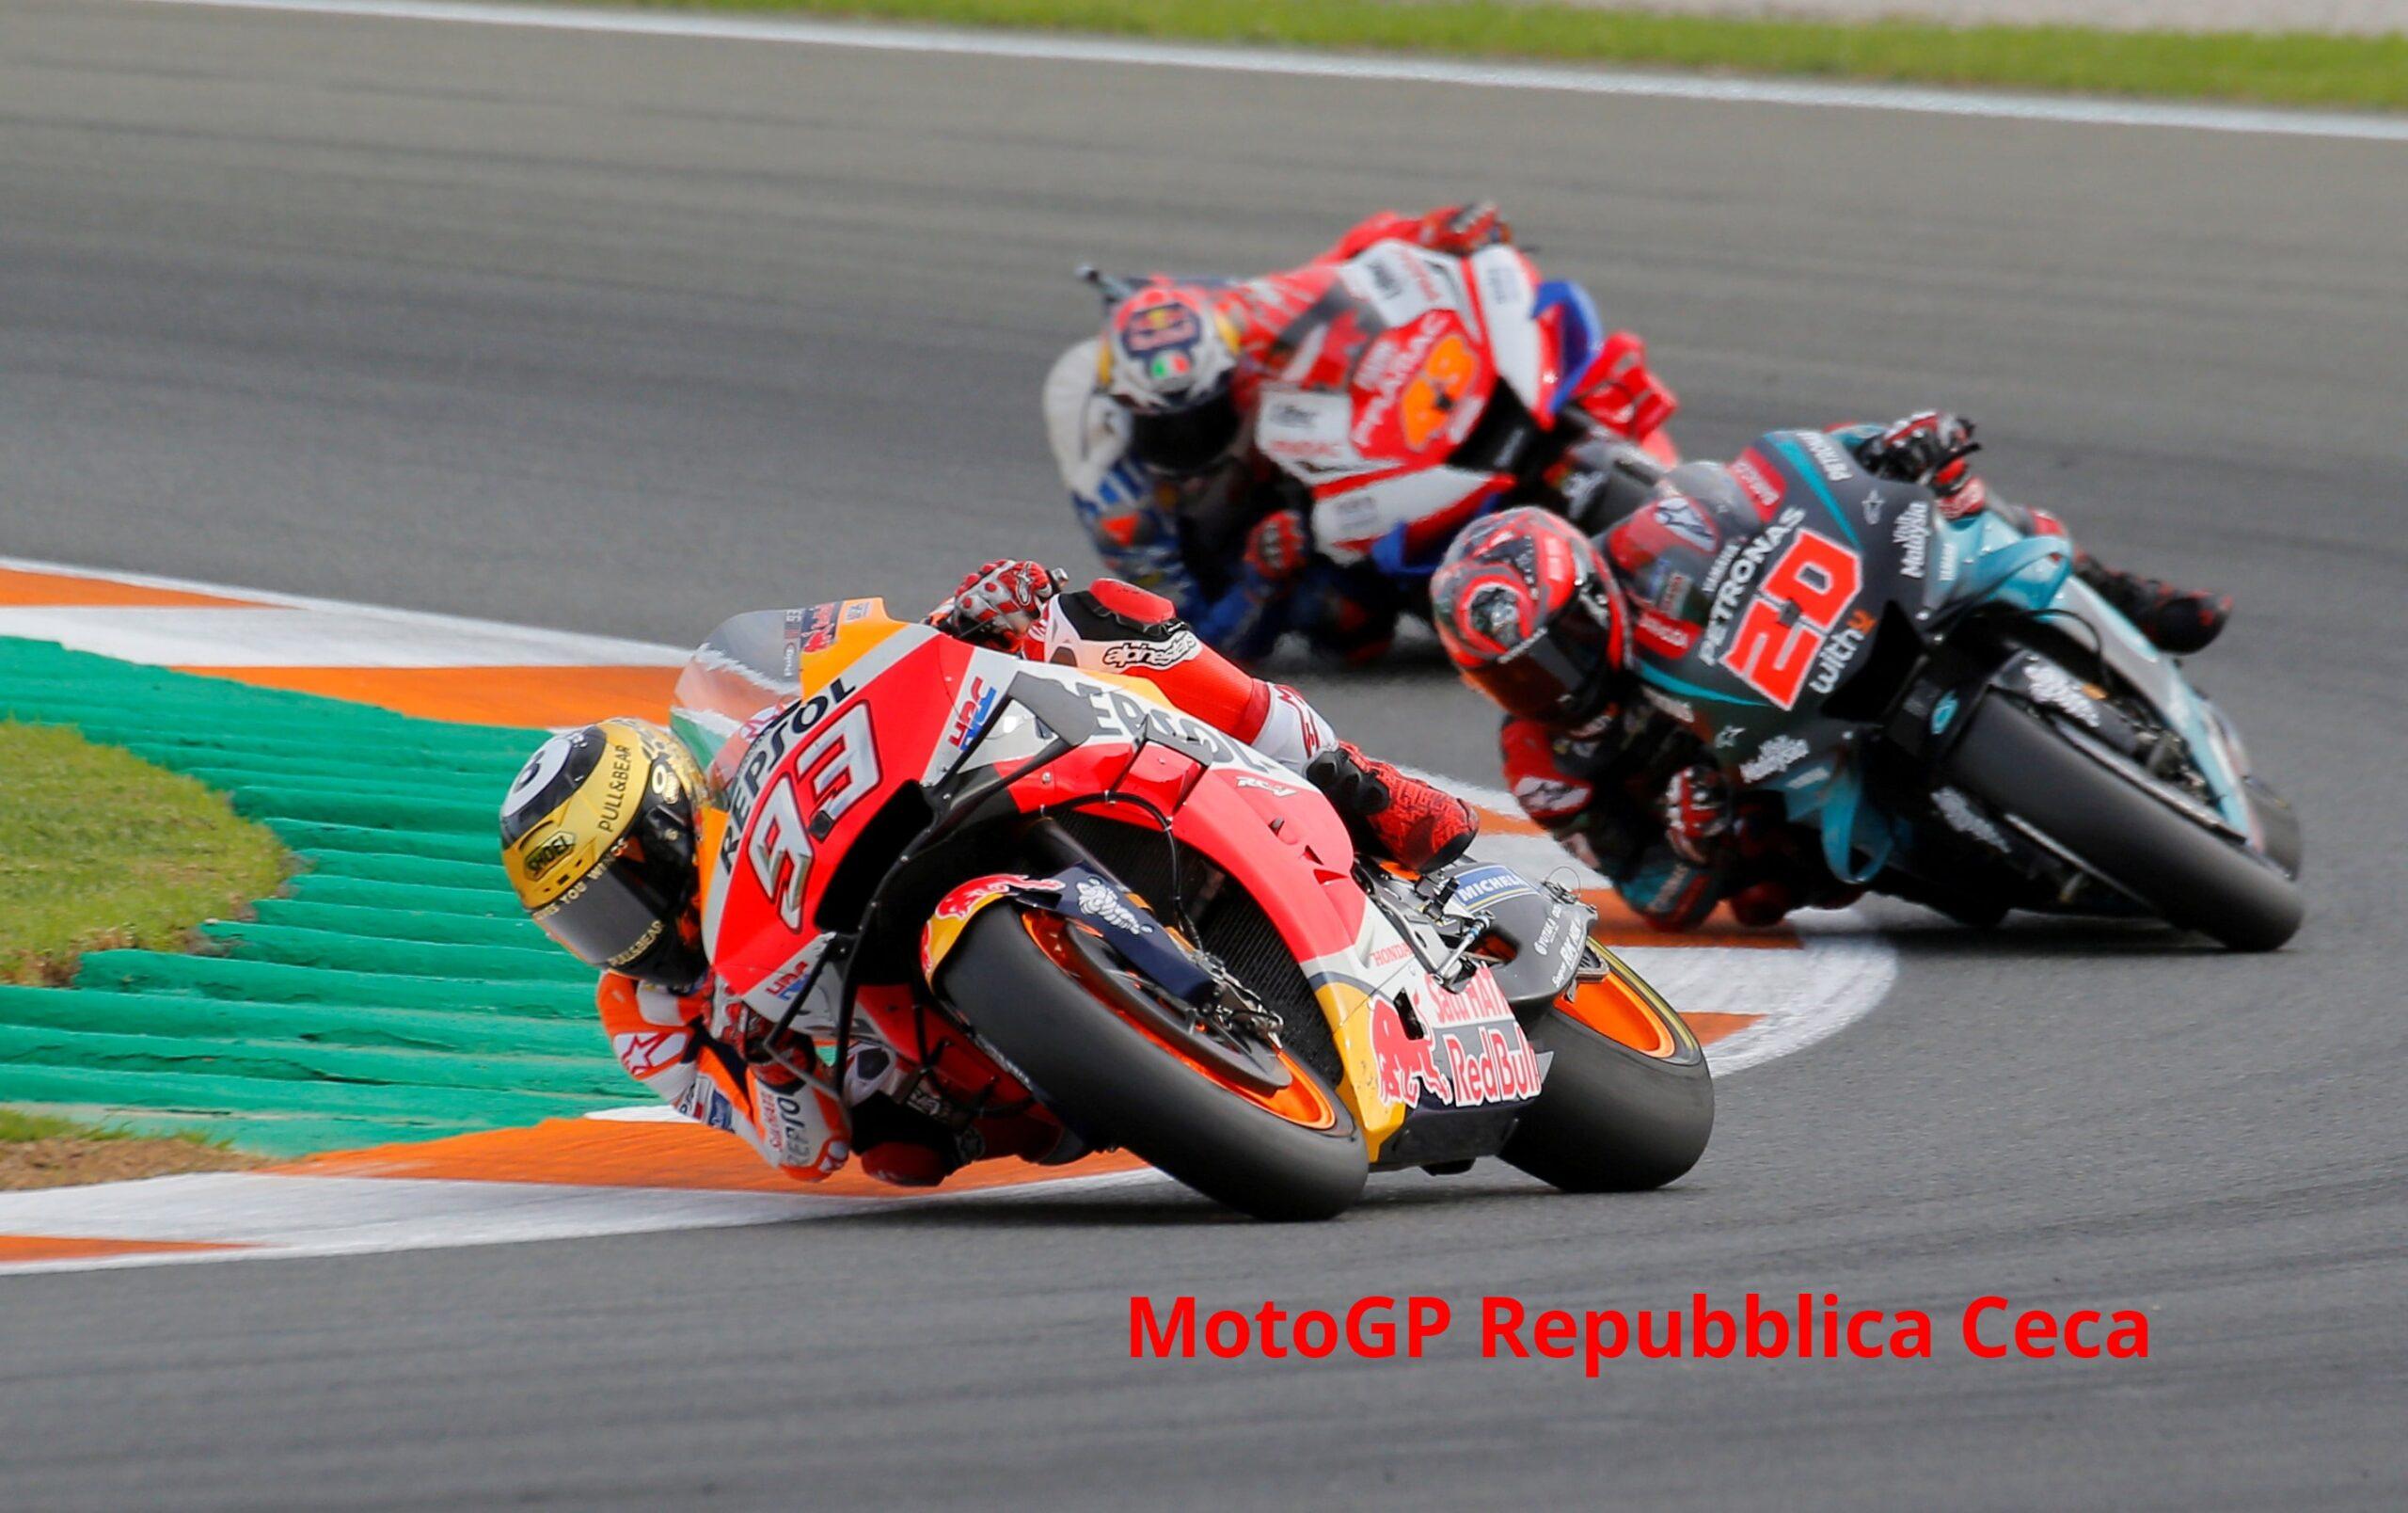 MotoGP Repubblica Ceca